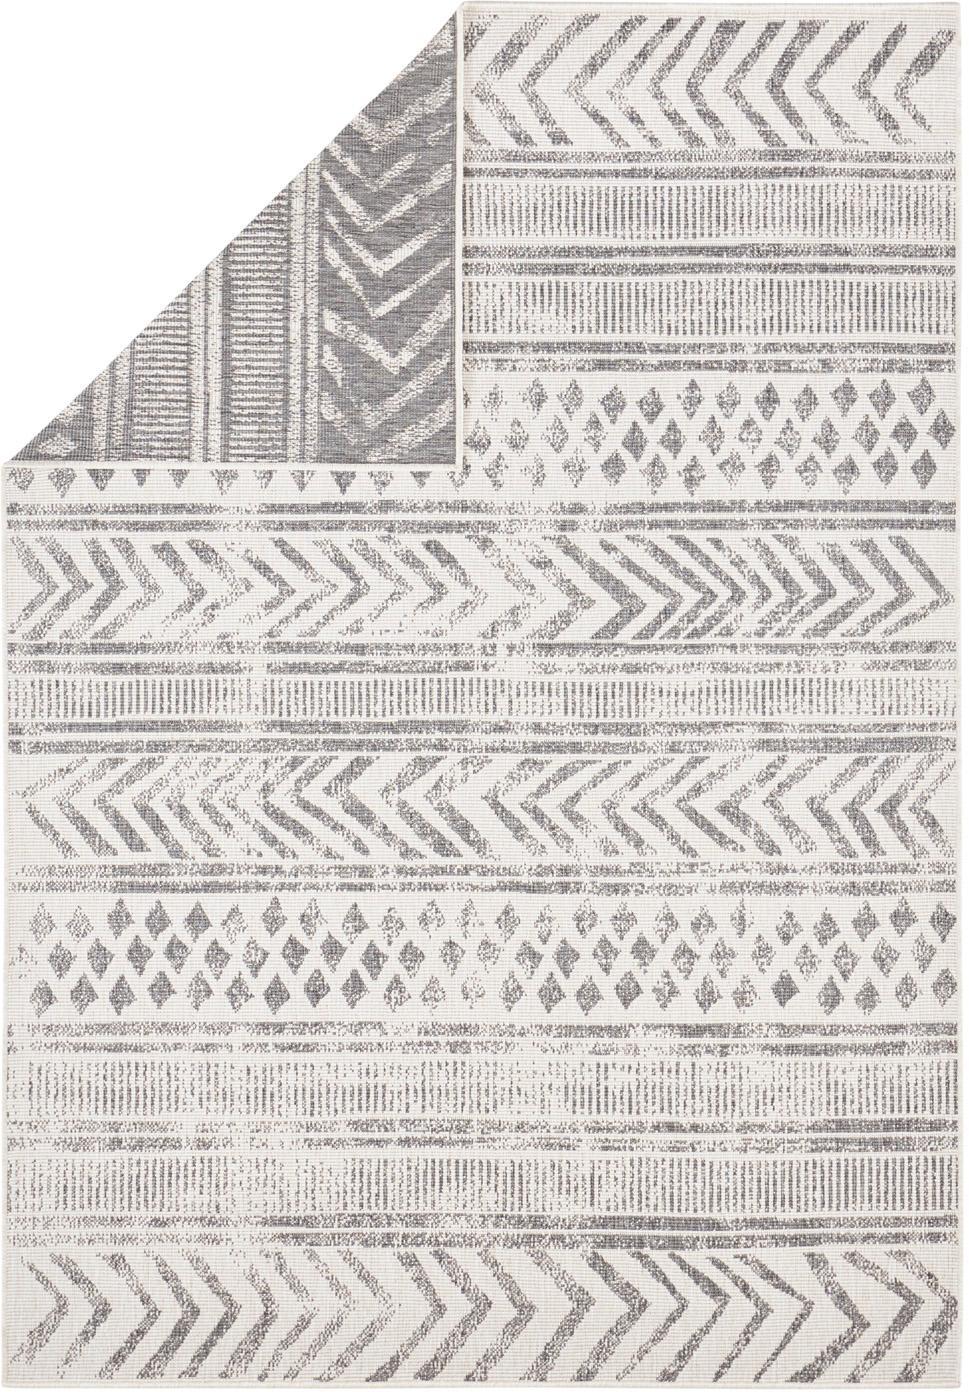 Dubbelzijdig in- en outdoor vloerkleed Biri met grafisch patroon, Polypropyleen, Grijs, crèmekleurig, B 80 x L 150 cm (maat XS)